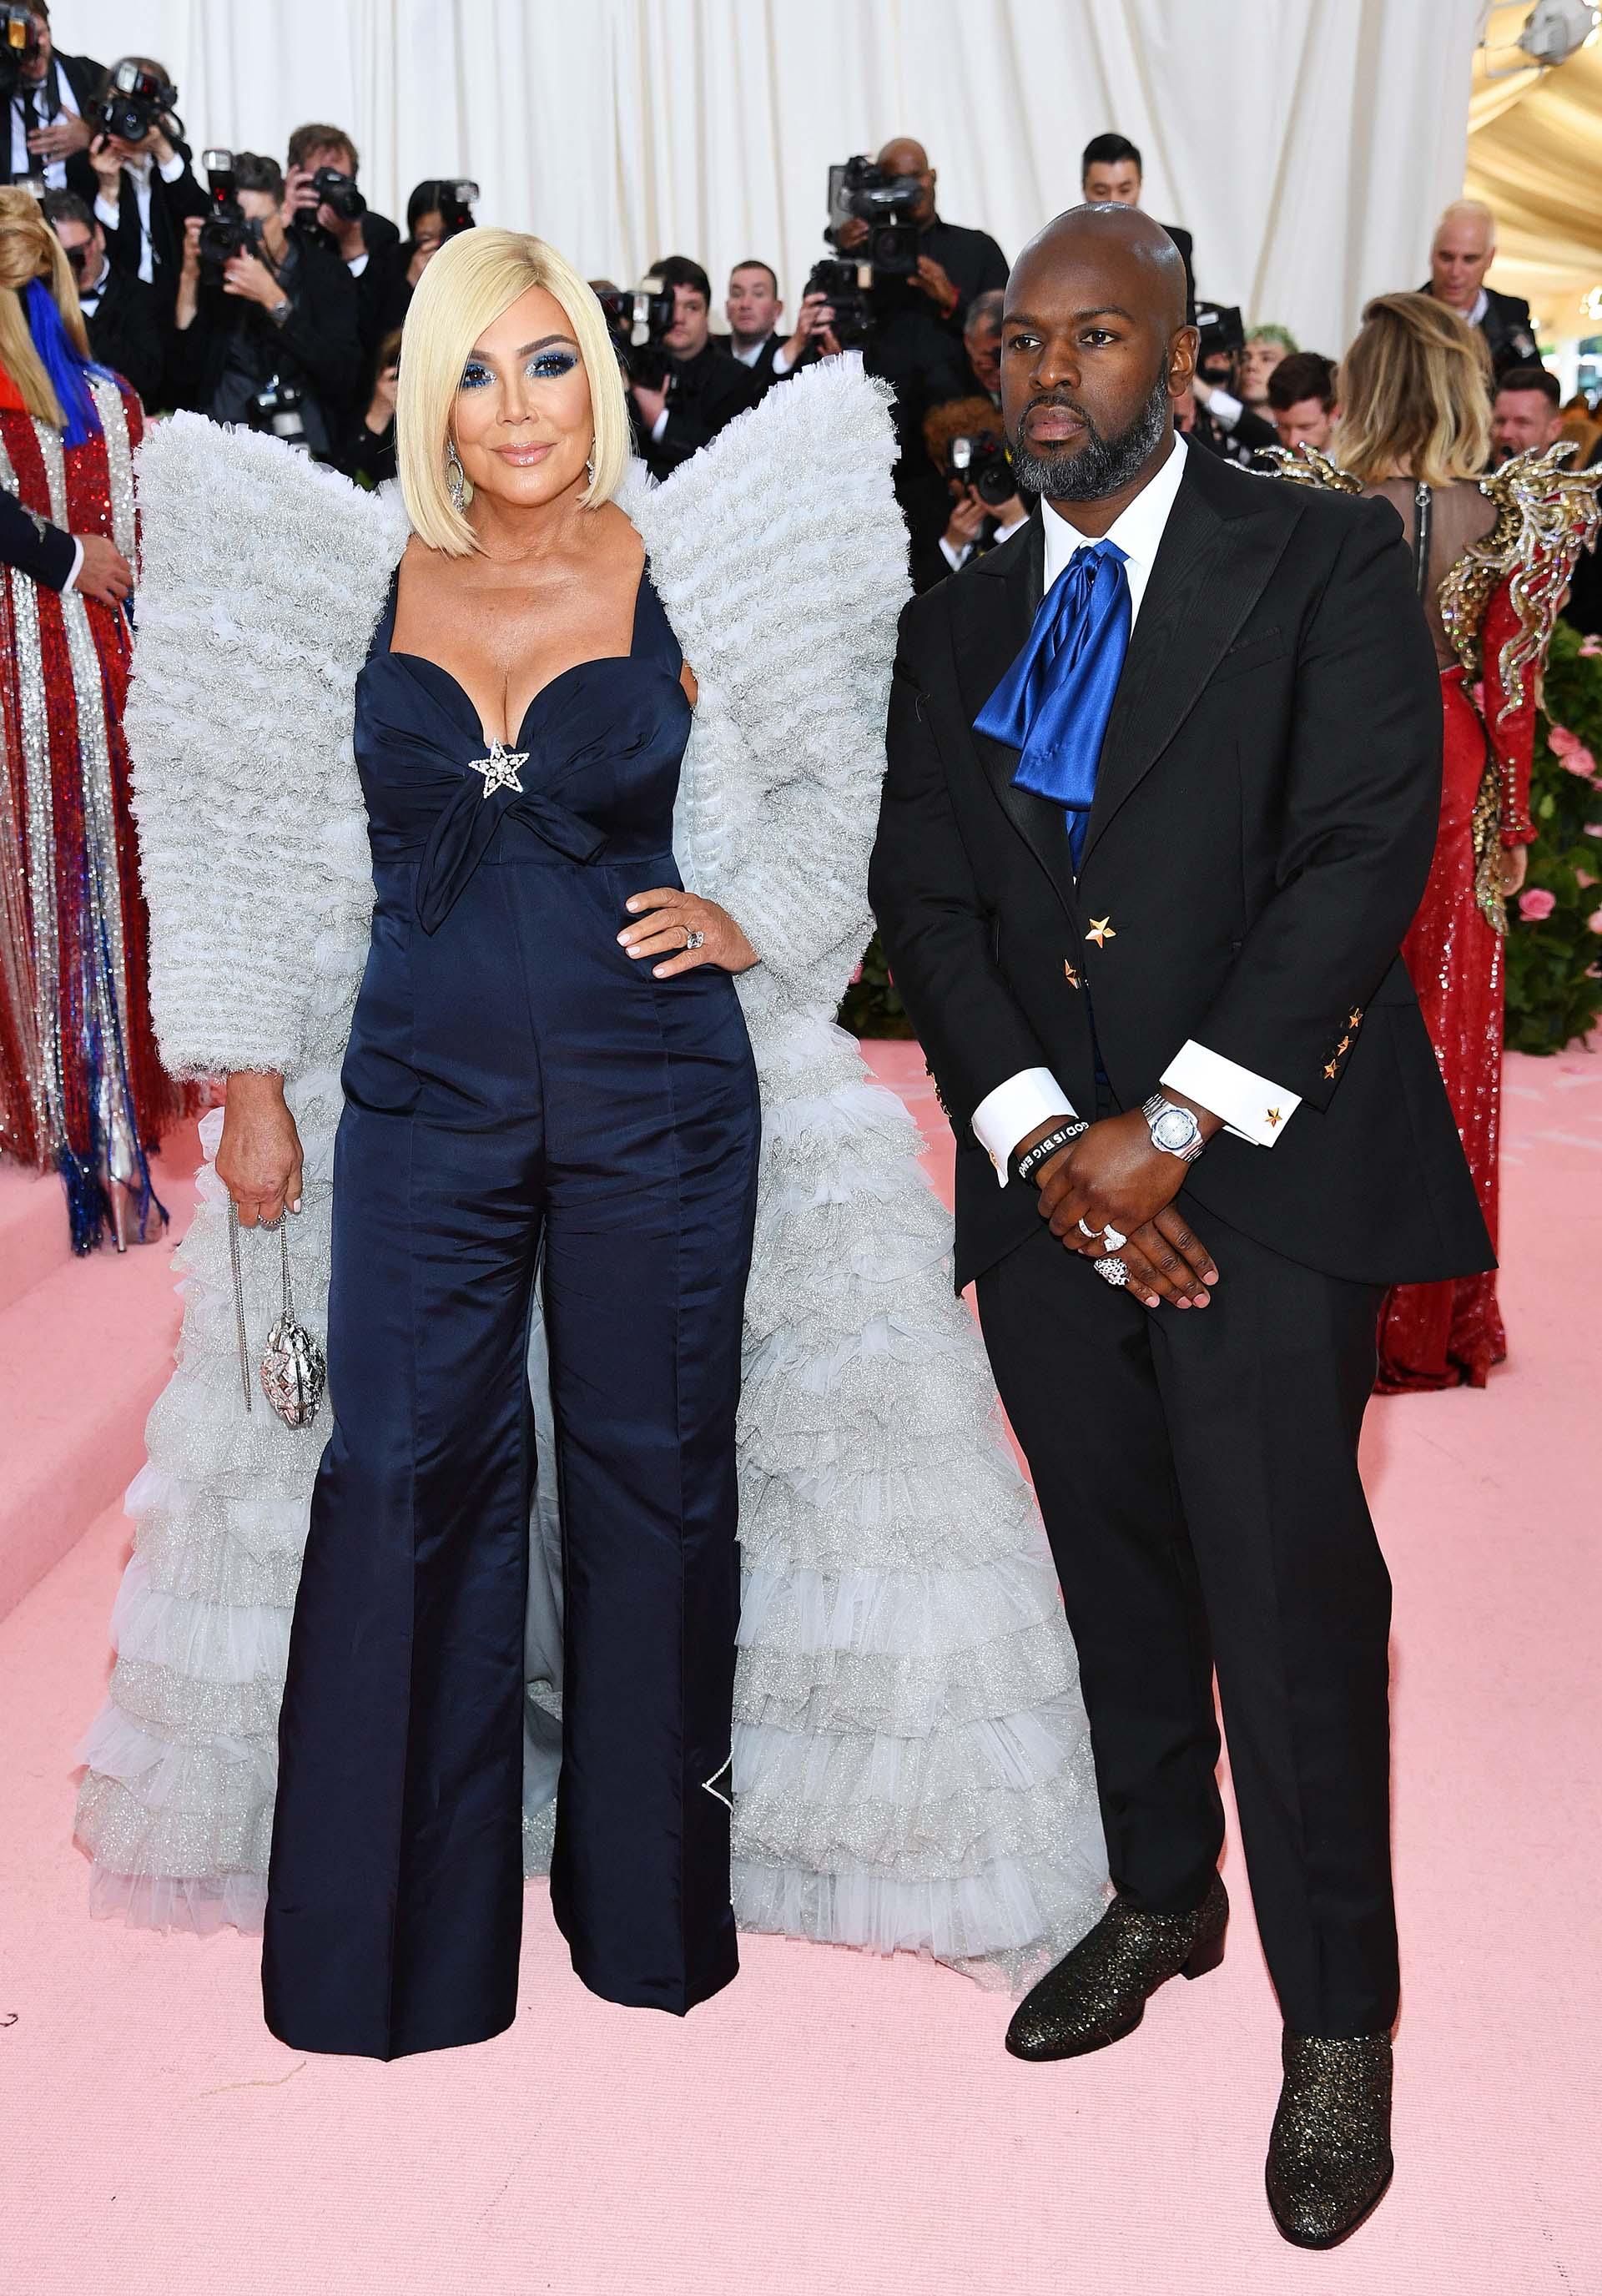 Kris Jenner acompañada por su pareja Corey Gamble, esta vez conel cabello rubio, optó por un traje azul noche y una capa color pastel